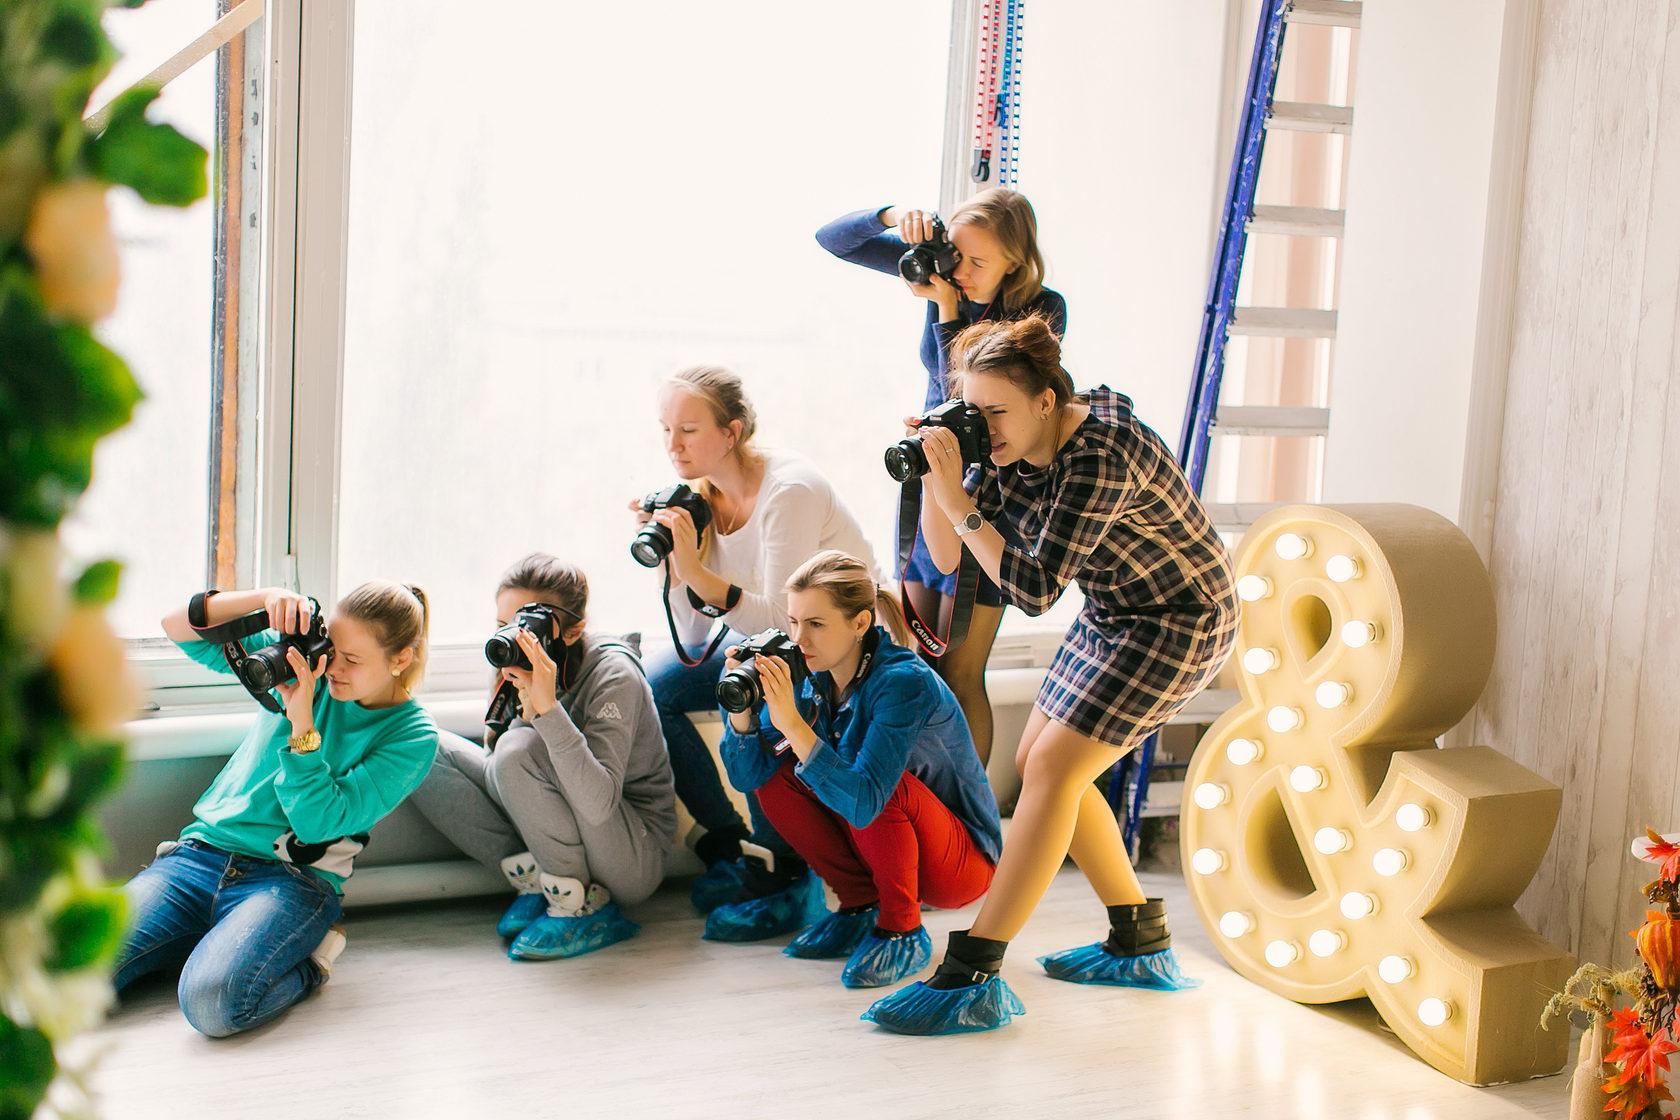 курсы для фотографов с нуля спб имеет огромное